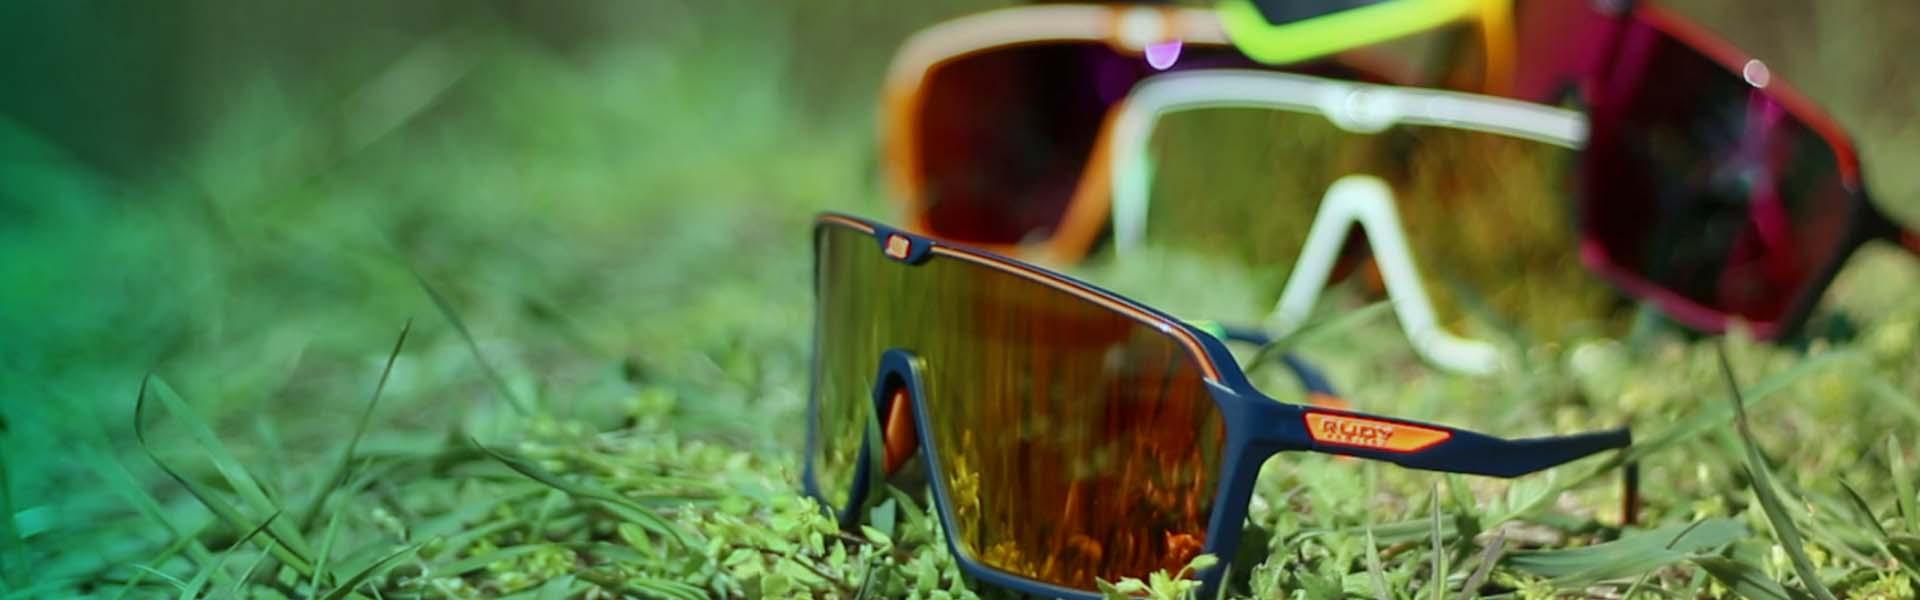 Rudy Project Spinshield - aktív életre tervezett napszemüveg